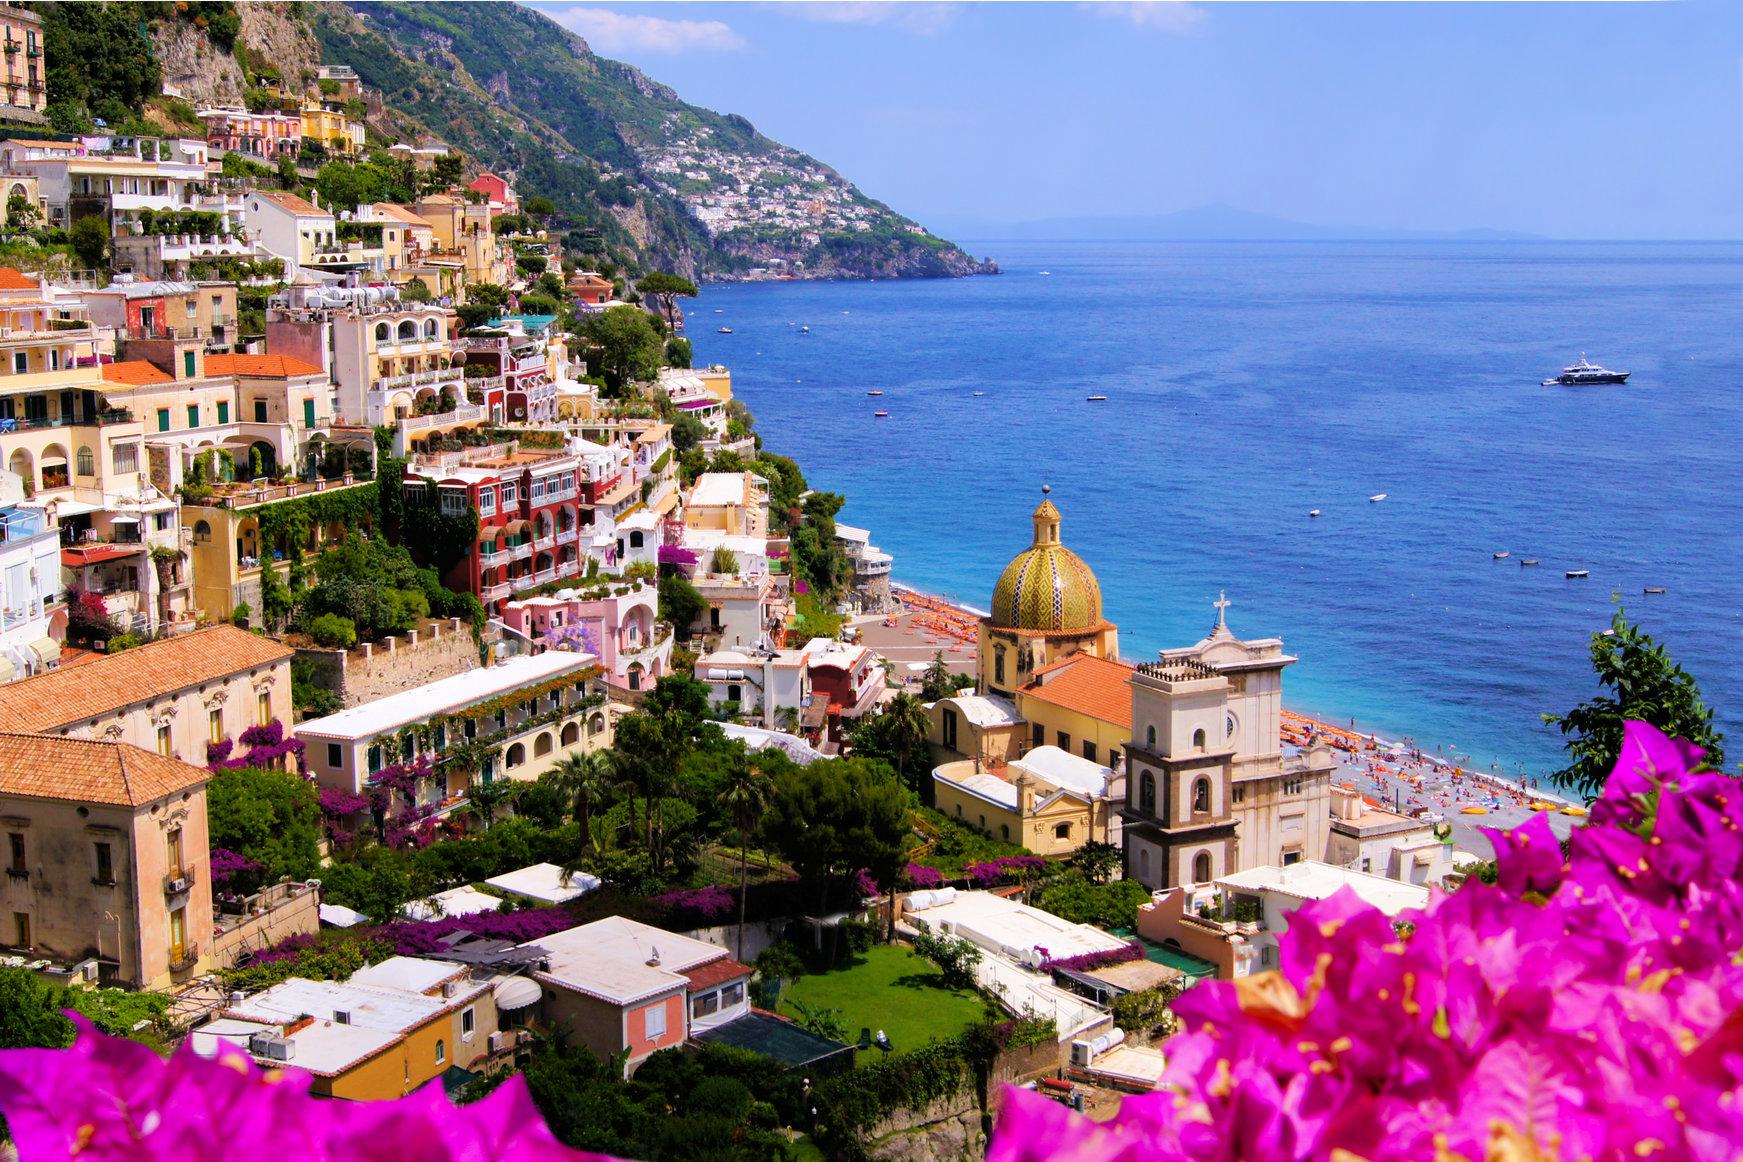 Vue de la ville de Positano avec des fleurs, Côte amalfitaine, Italie; Shutterstock ID 112673795